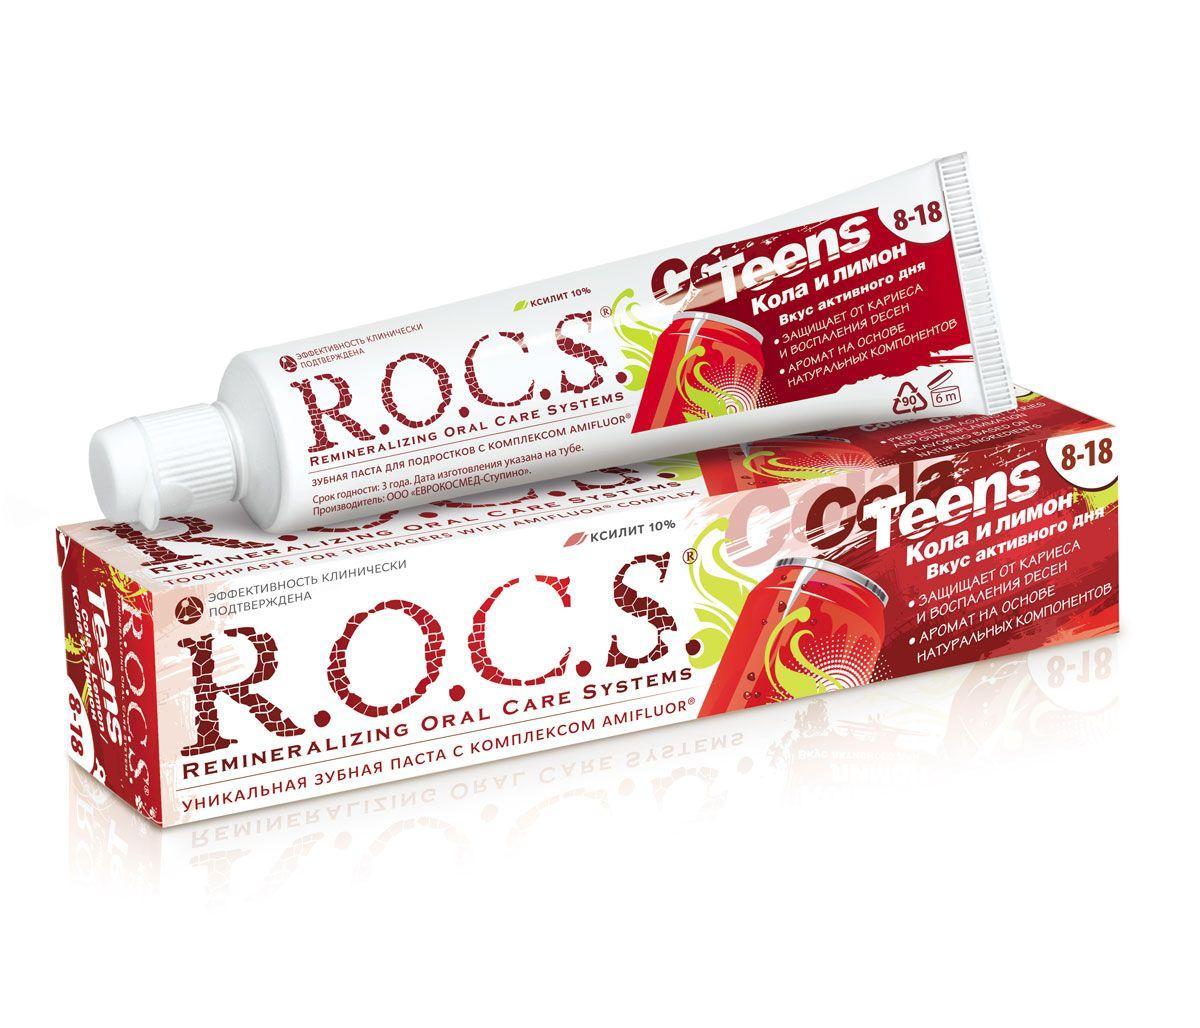 Зубная паста R.O.C.S Тeens Вкус активного дня Кола и Лимон